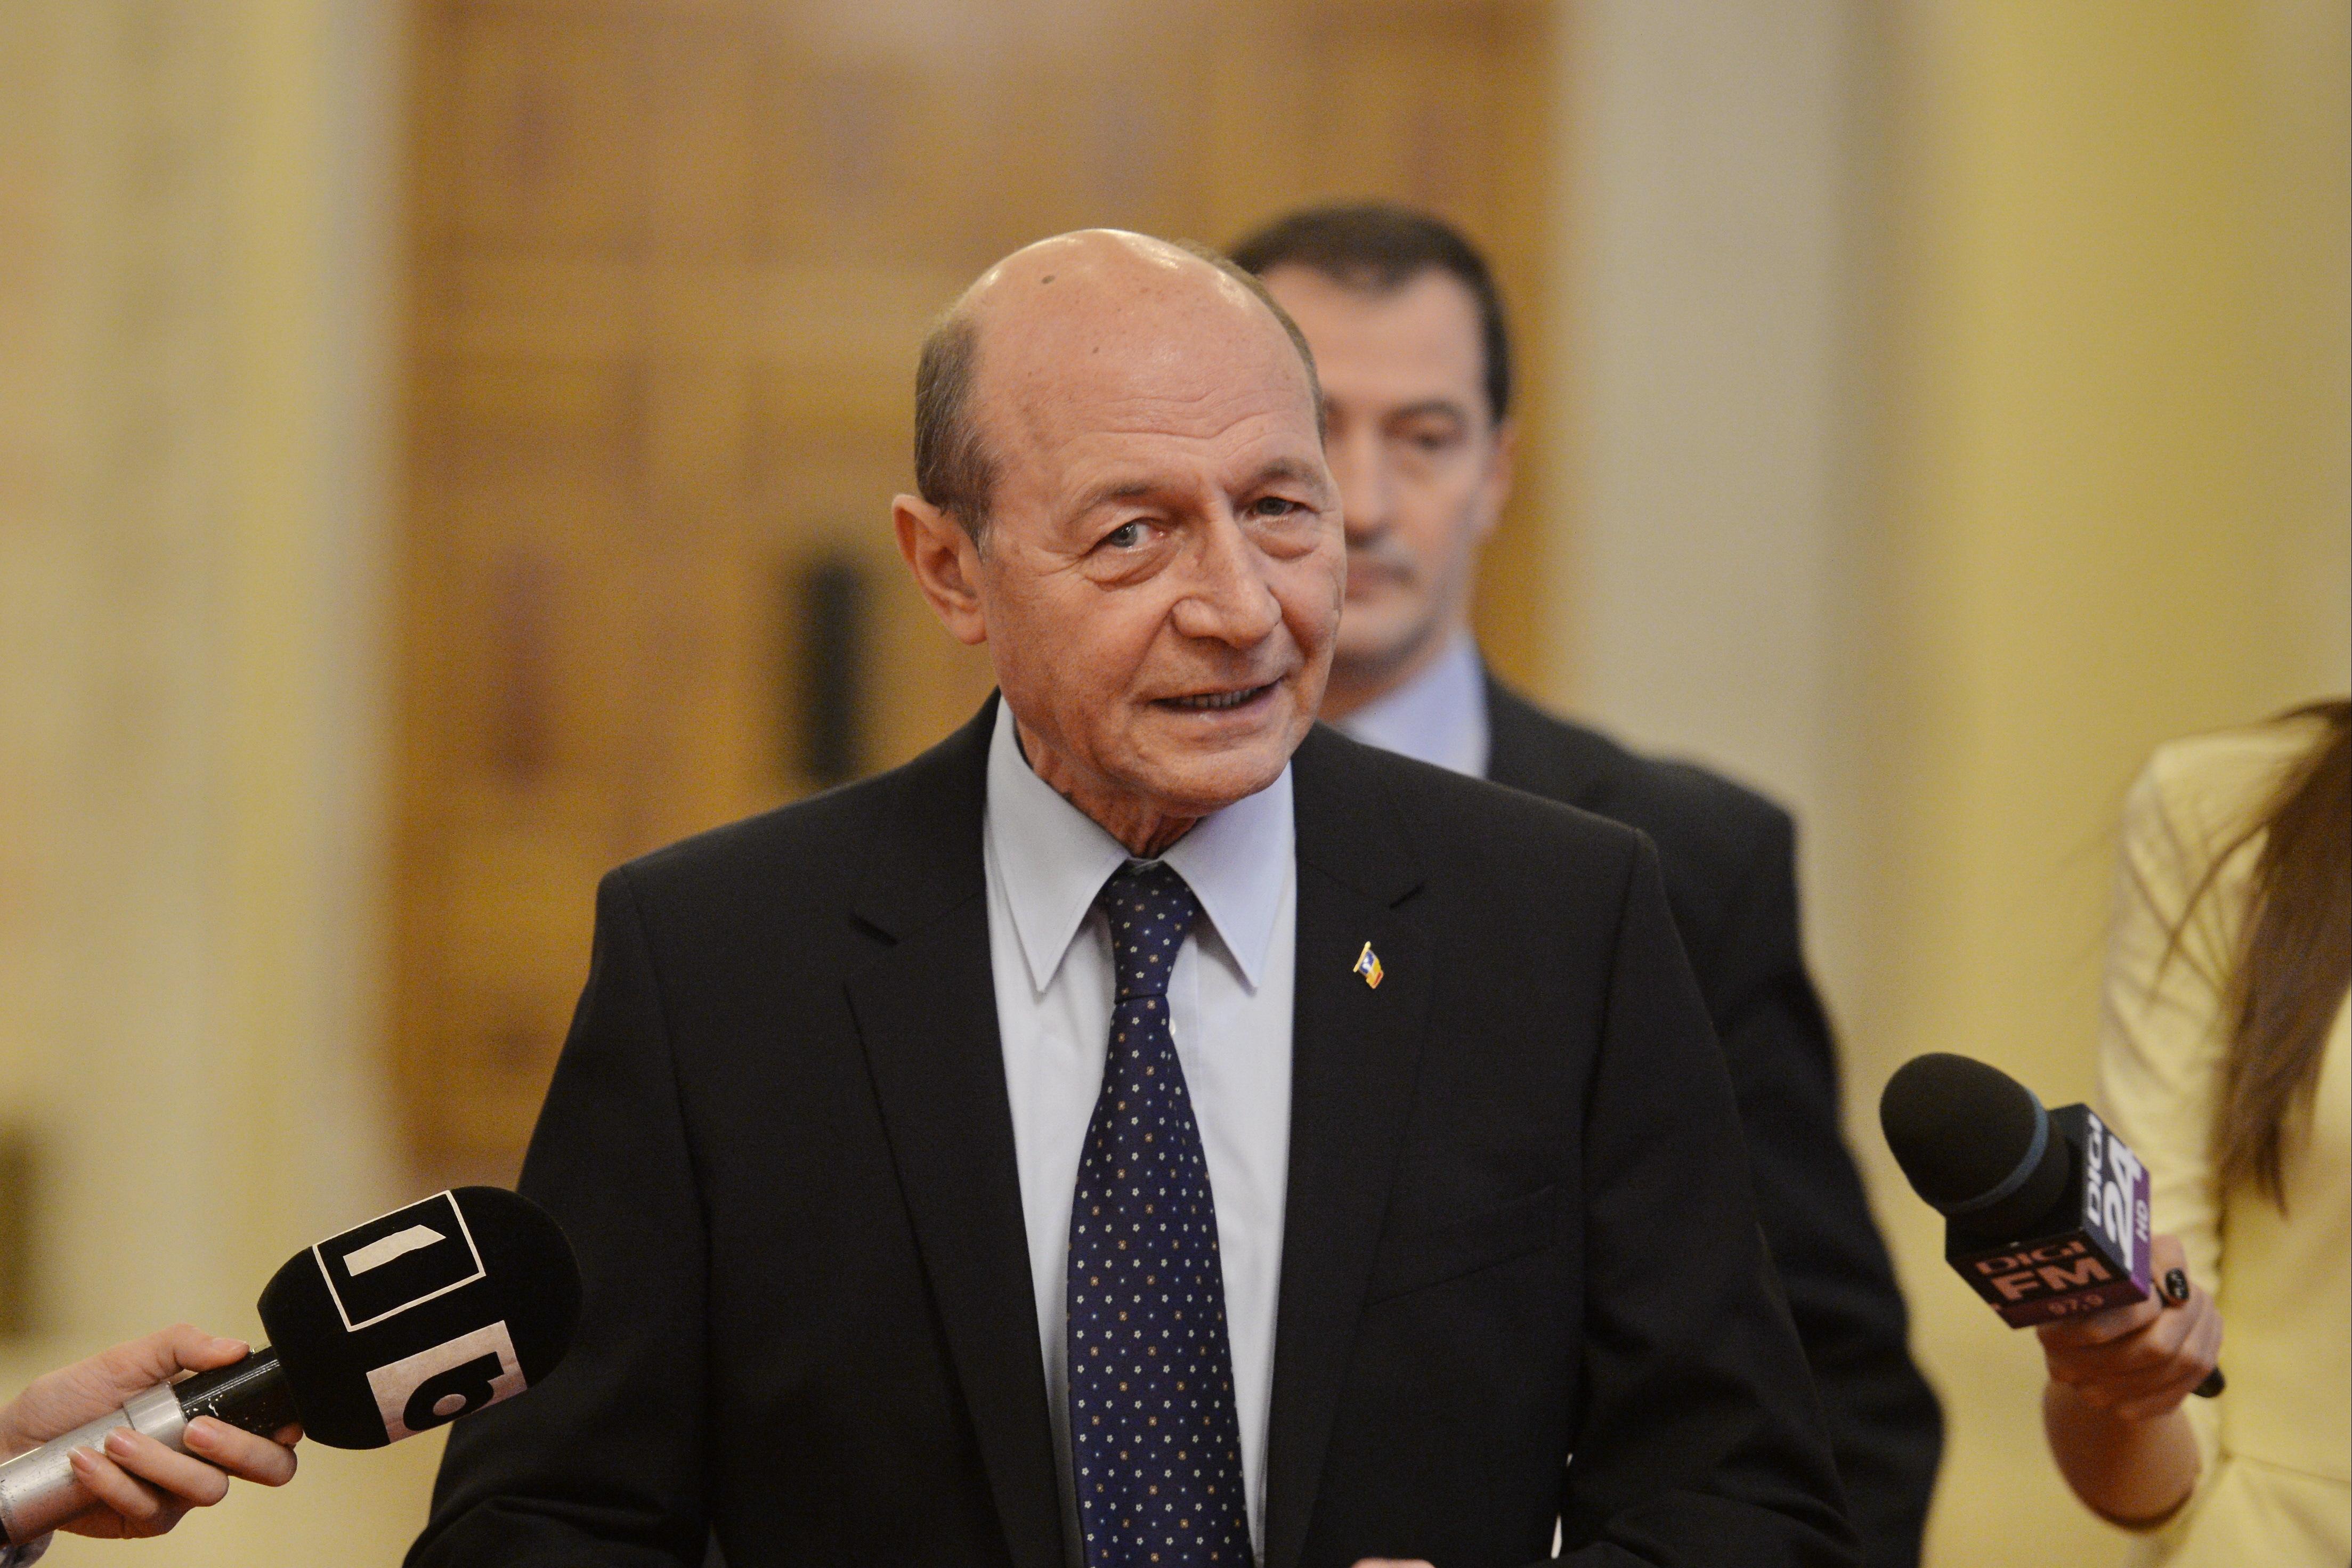 Băsescu: Johannis téved; meg kellene állapítania, óriási problémák vannak az igazságszolgáltatásban